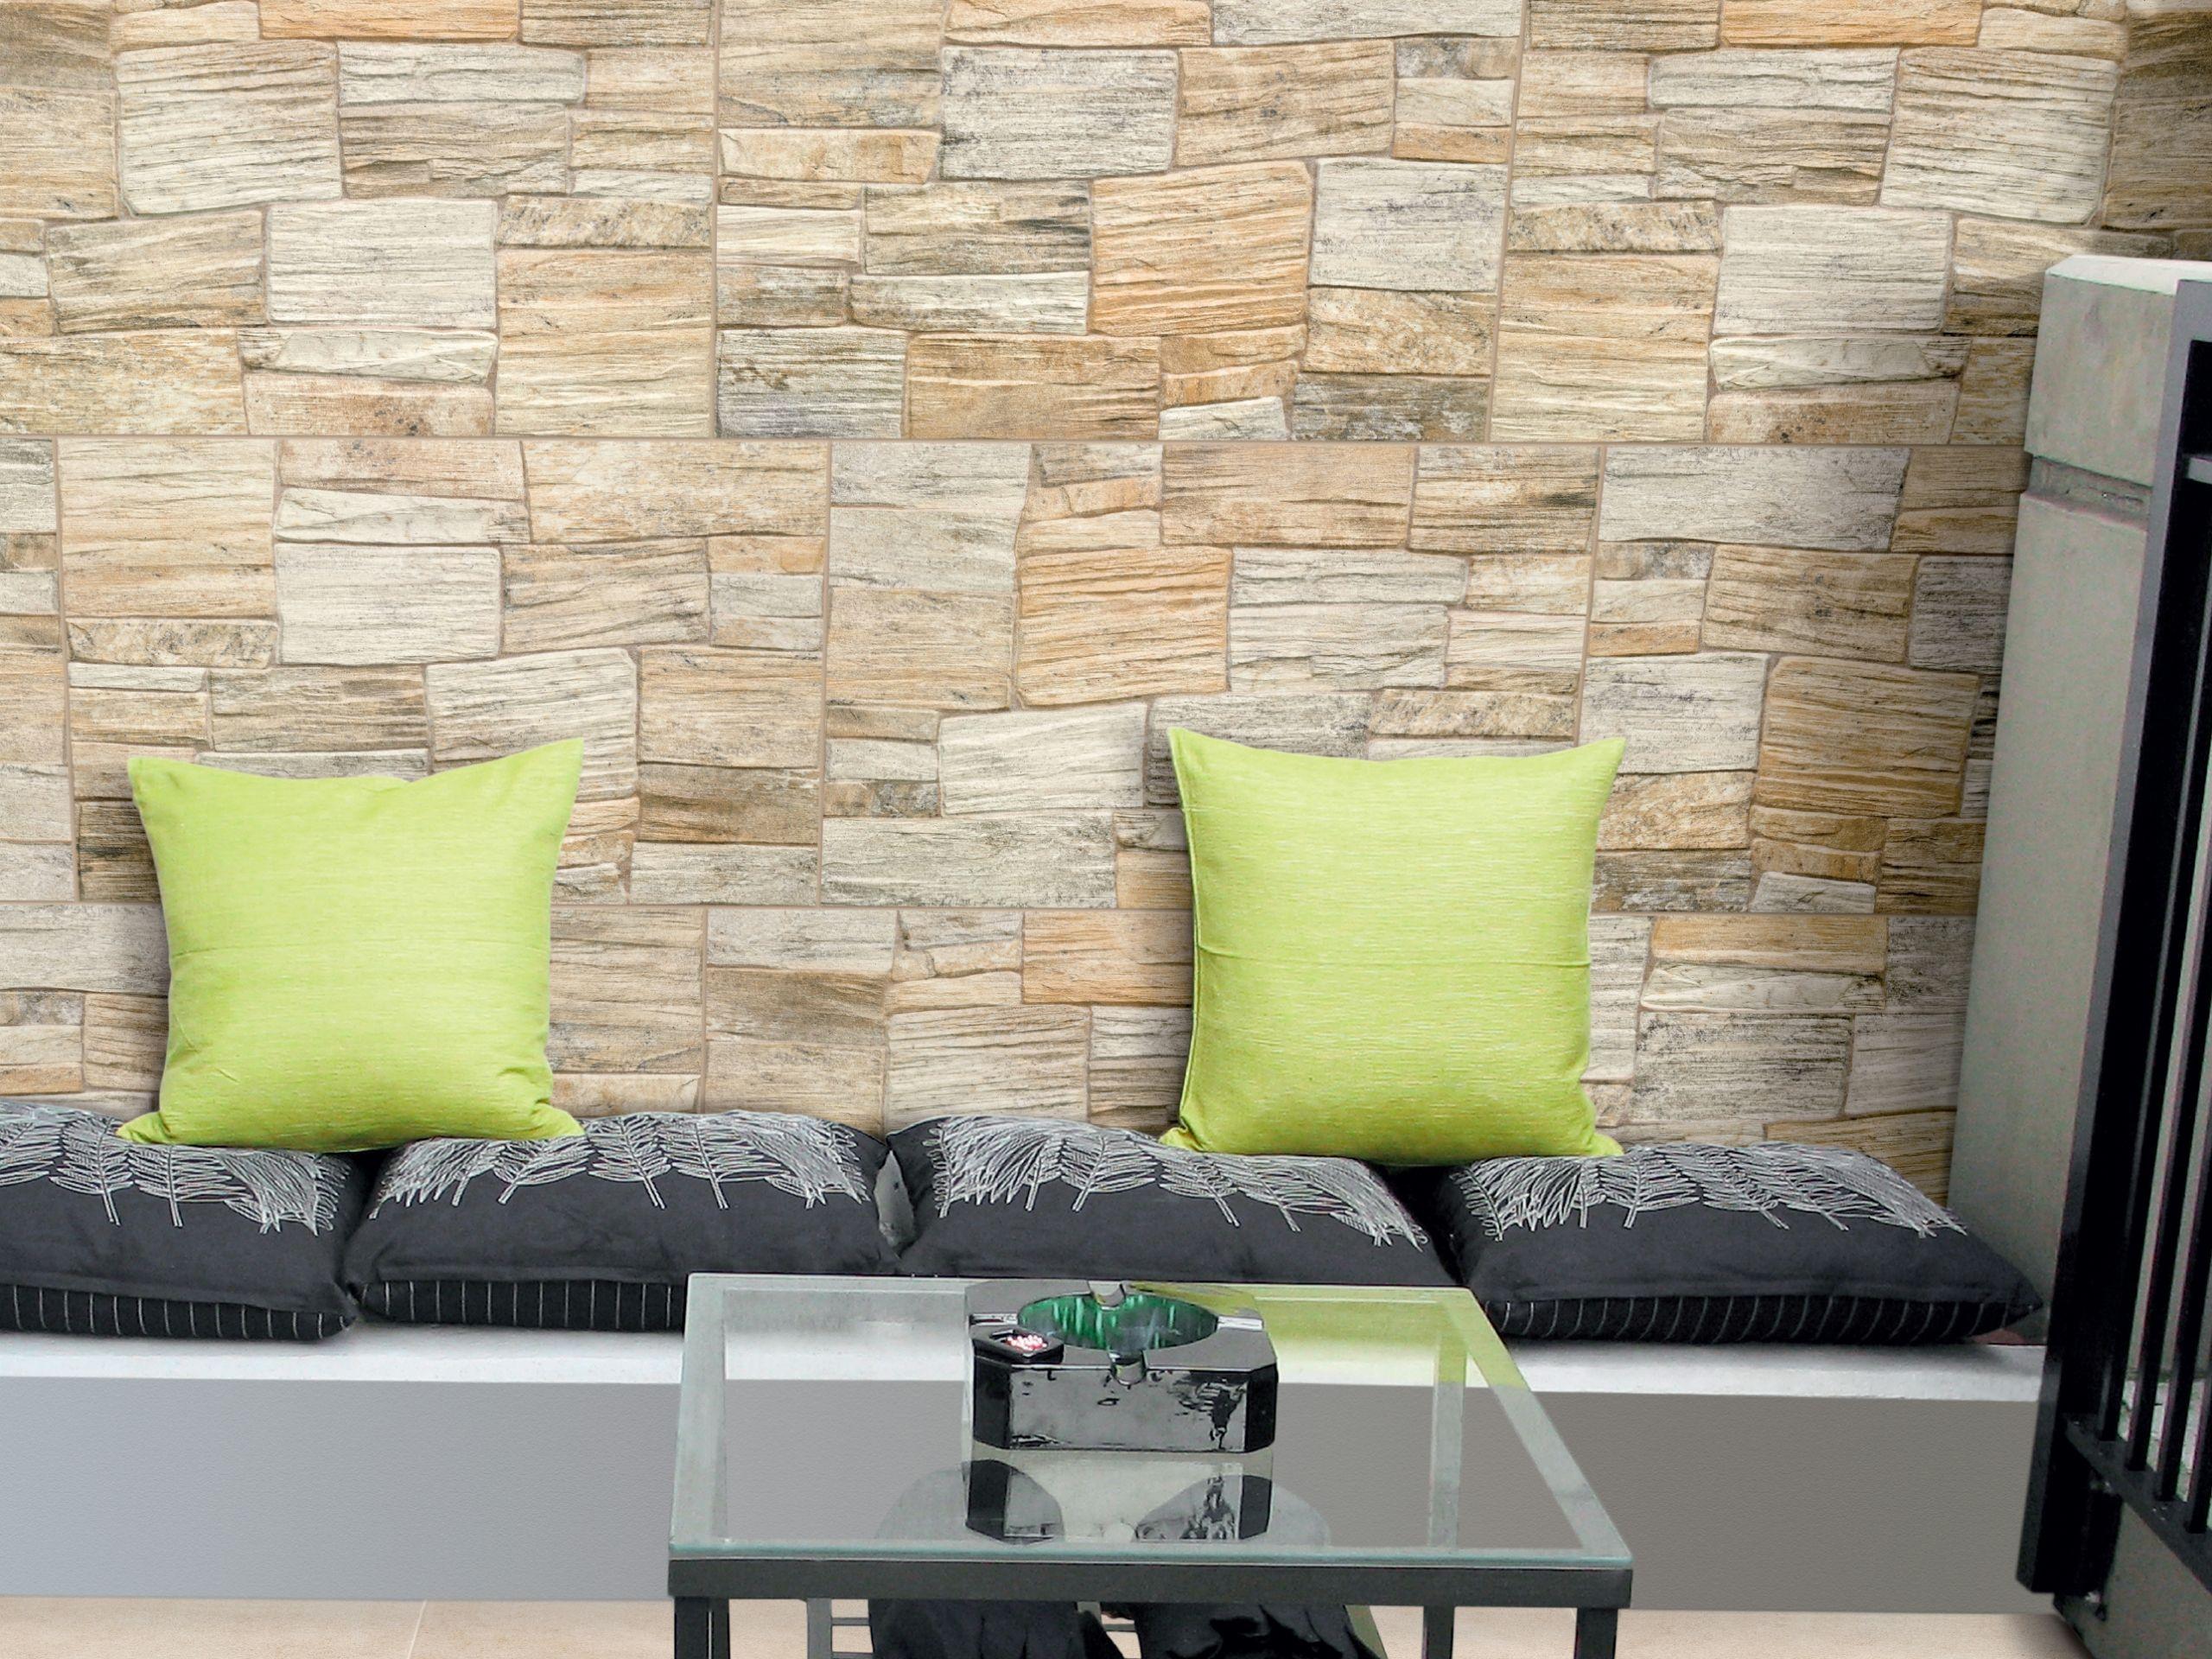 Revestimiento de pared de gres porcel nico imitaci n - Piedras decorativas para pared ...